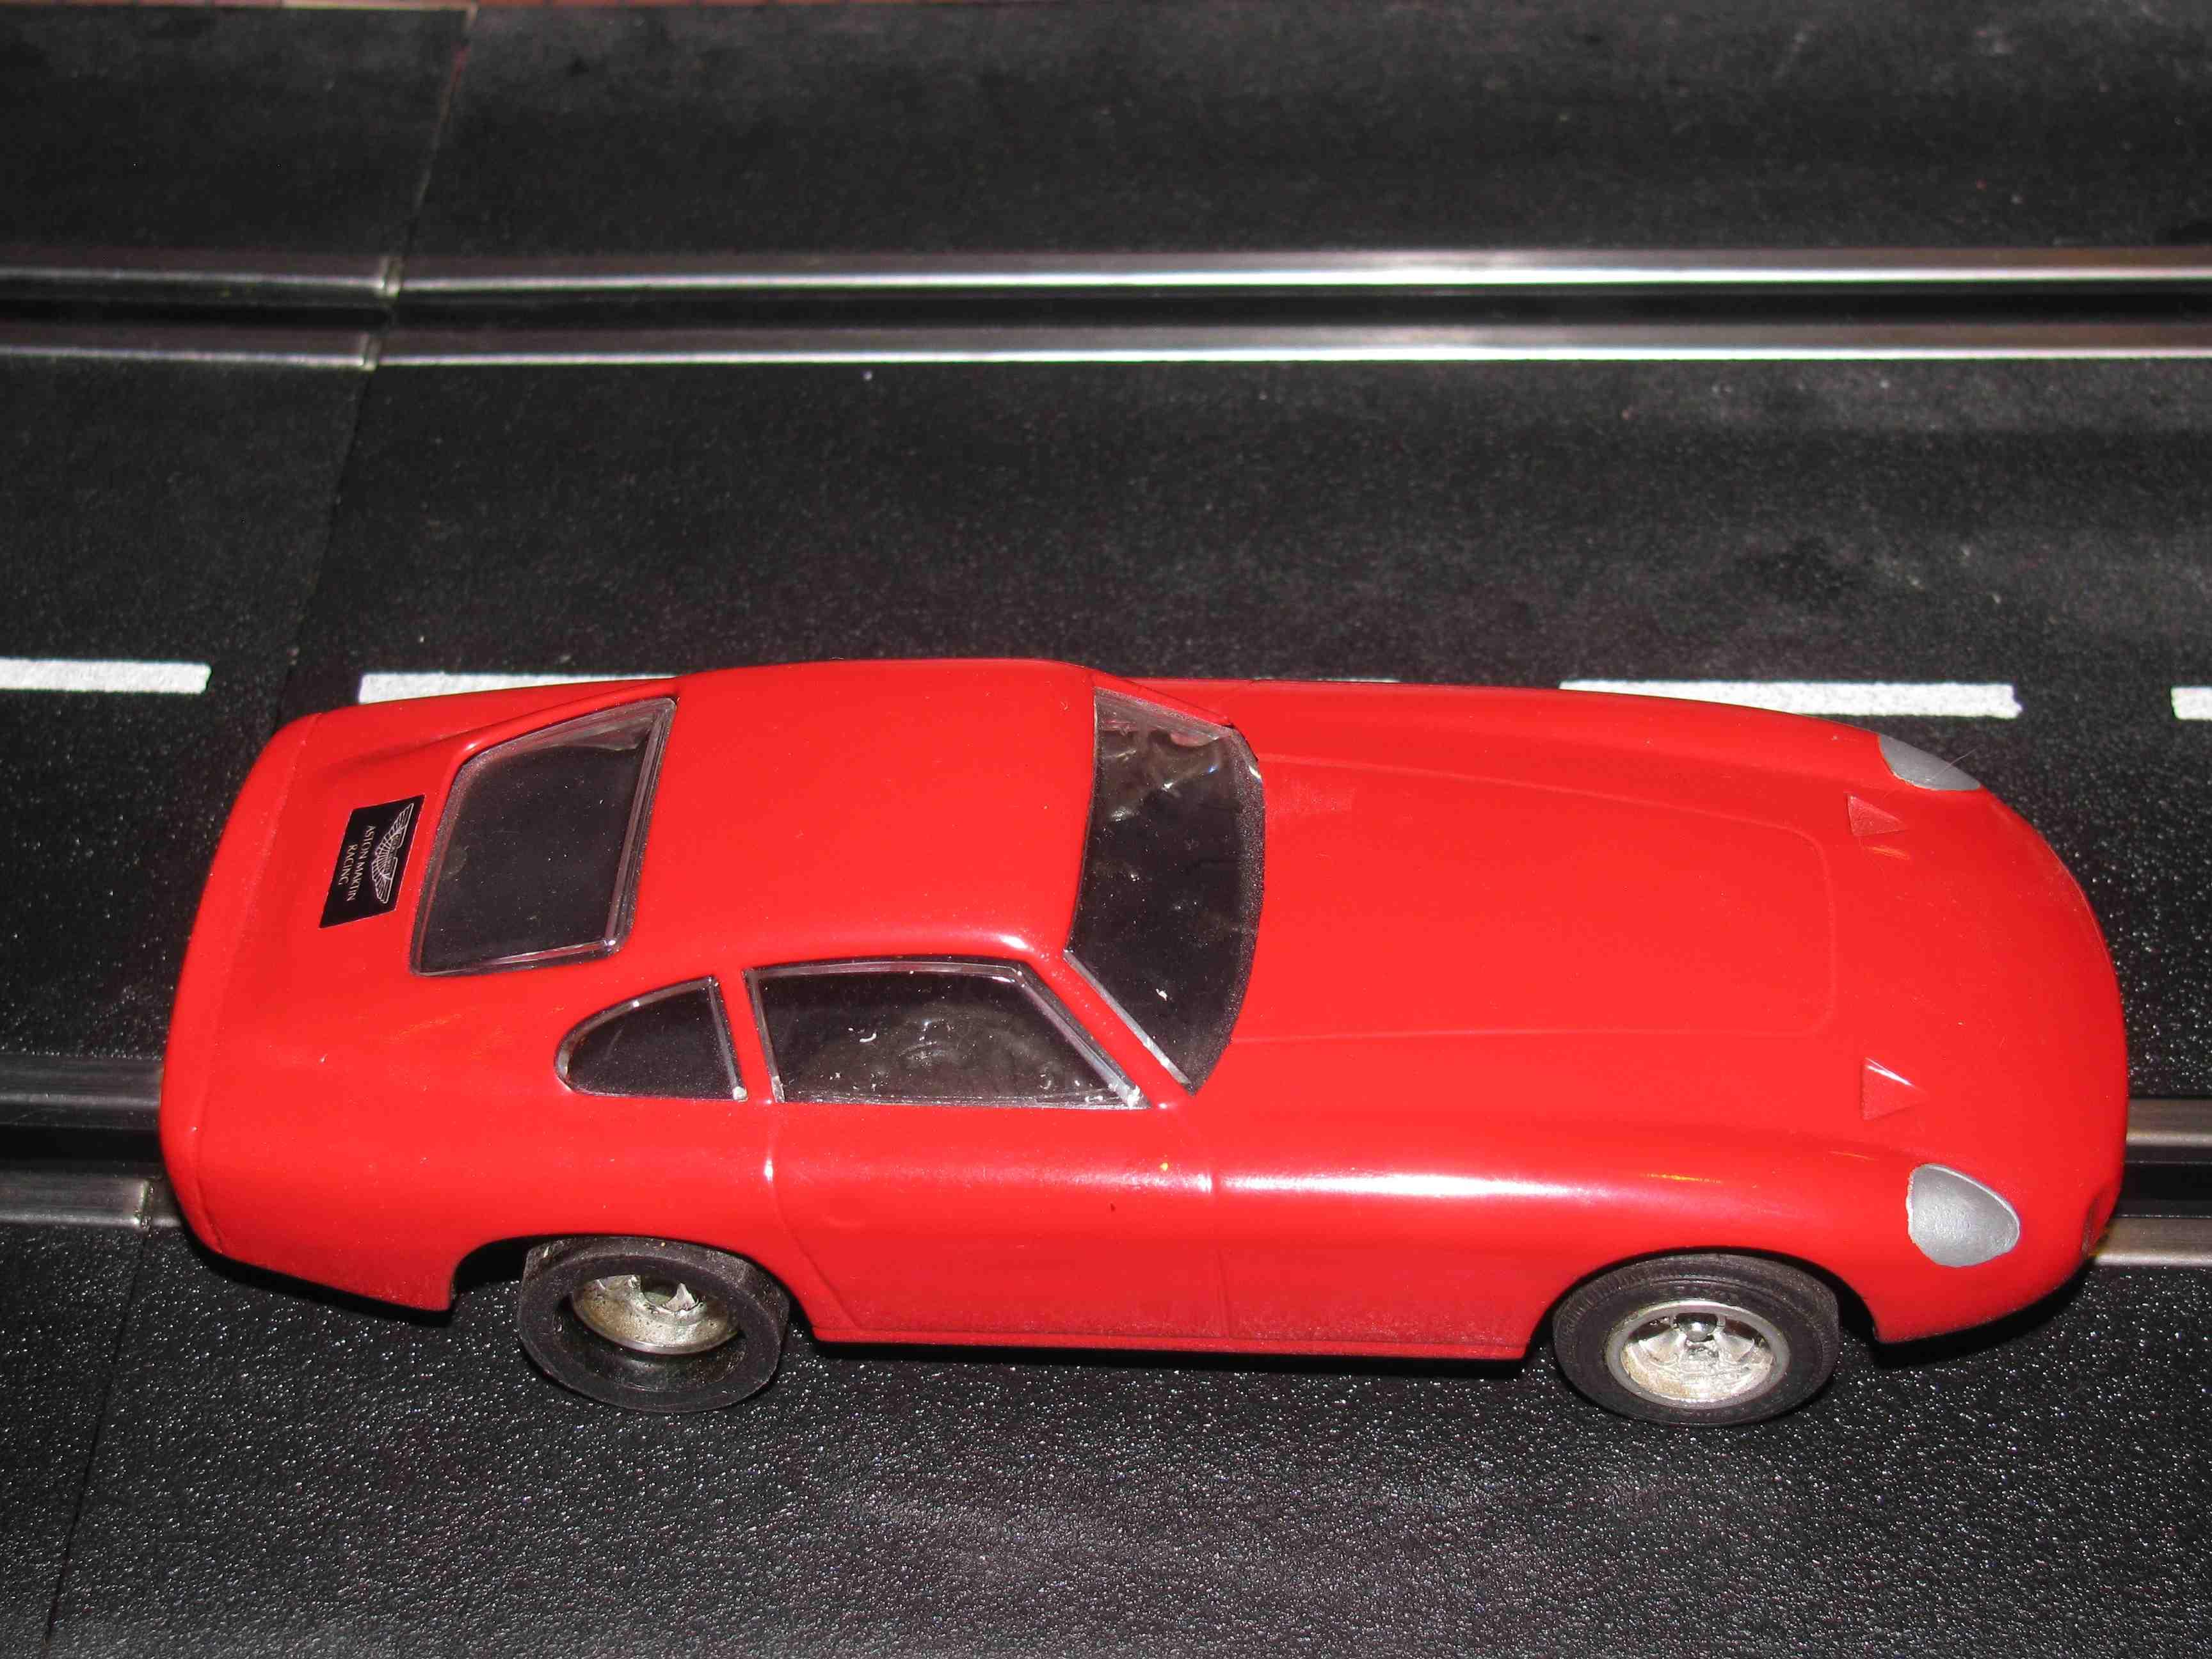 * SOLD * Strombecker Aston Martin Zagato Slot Car 1/32 Scale